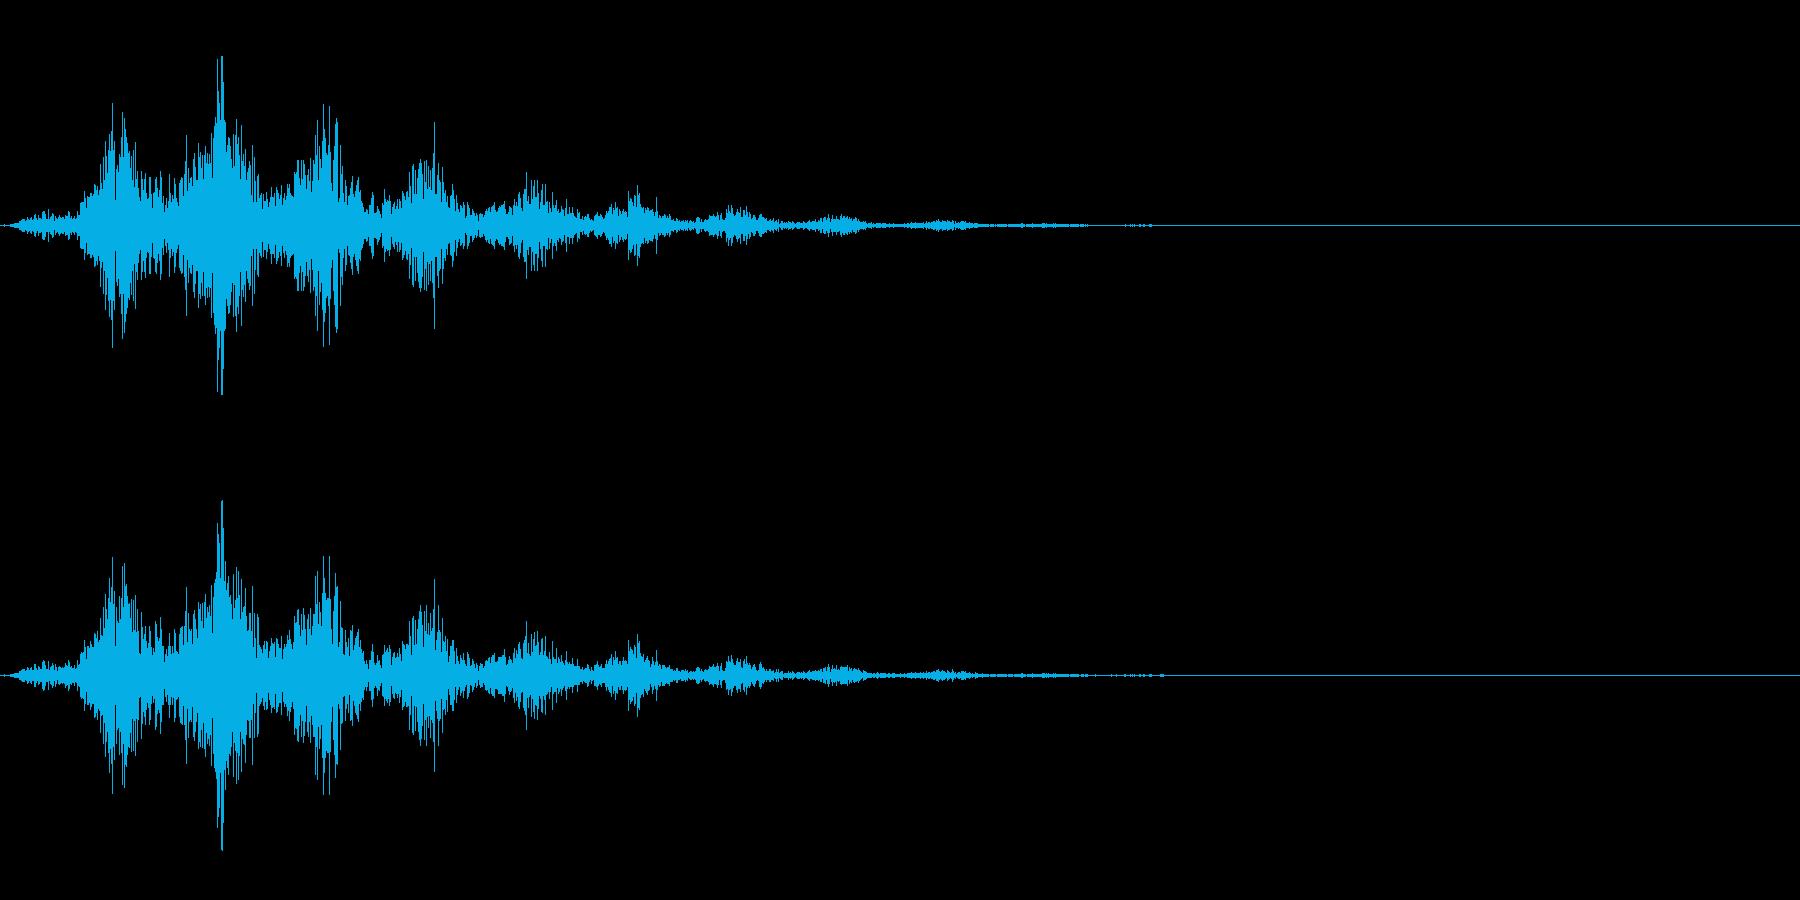 回転音/手裏剣/シュルルルルッの再生済みの波形